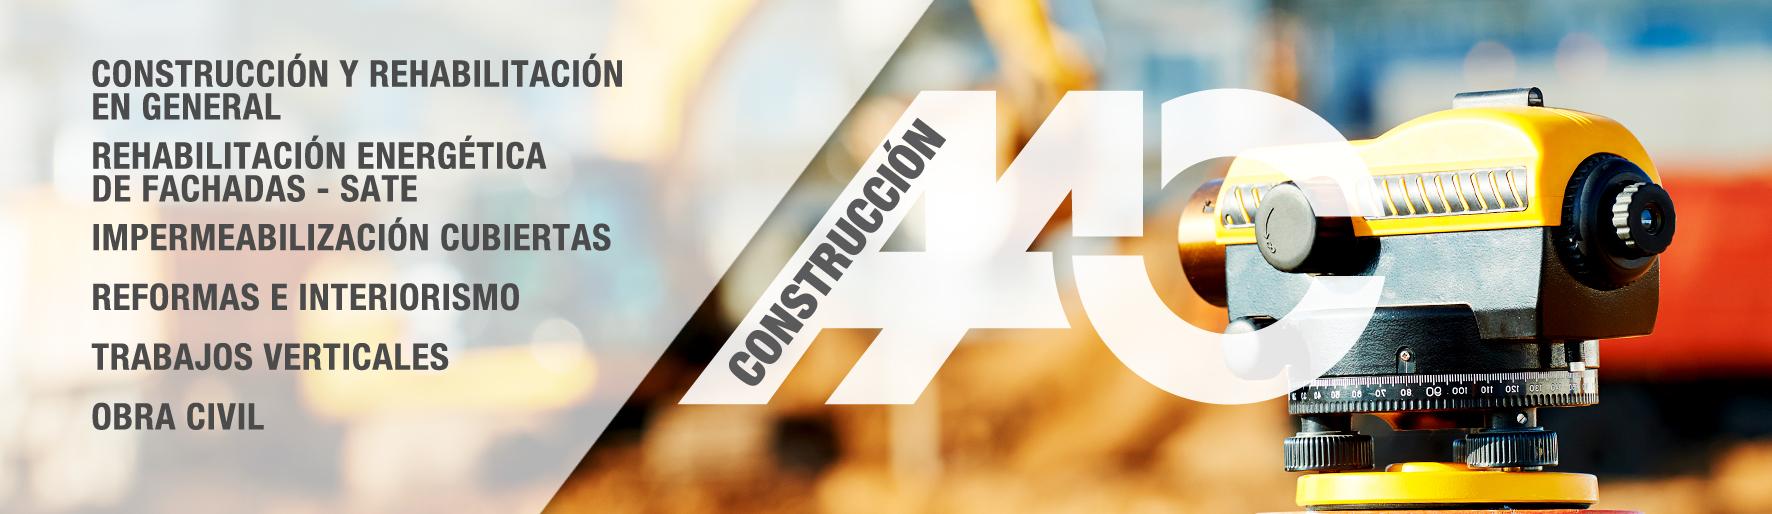 Almeida instalaciones y contrucción-CONSTRUCCIÓN